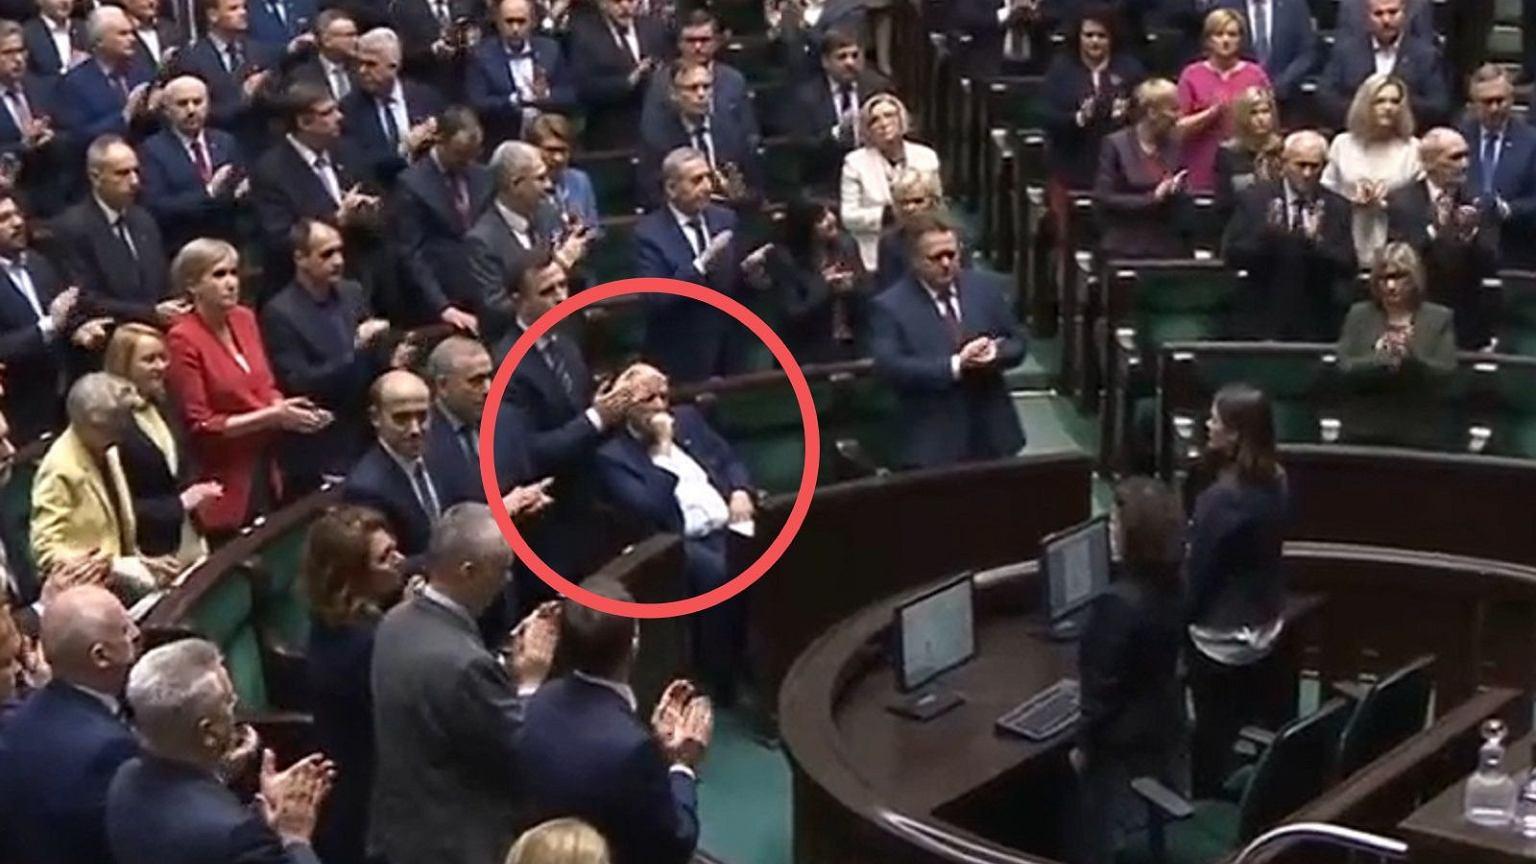 Janusz Korwin-Mikke tłumaczy, dlaczego nie klaskał po przyjęciu uchwały.